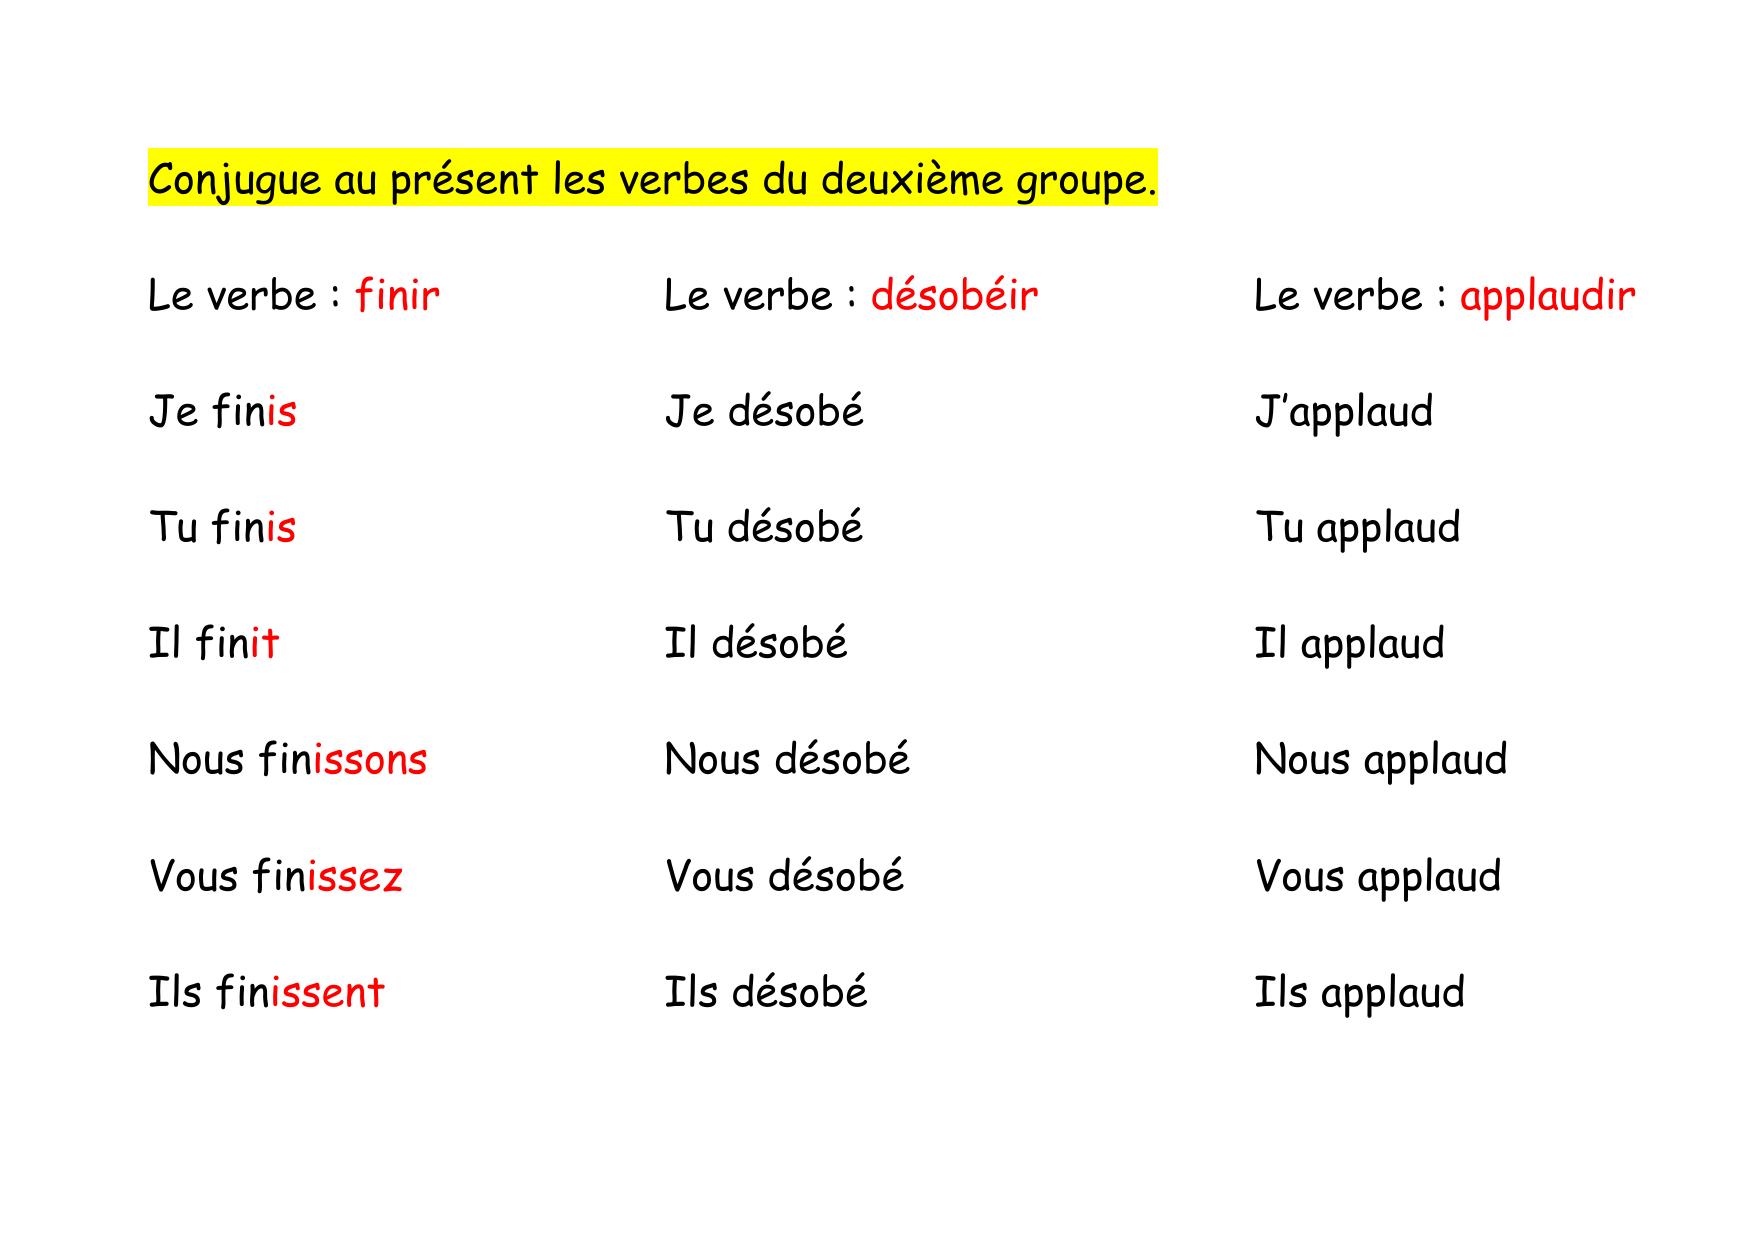 Conjugue Au Present Les Verbes Du Deuxieme Groupe